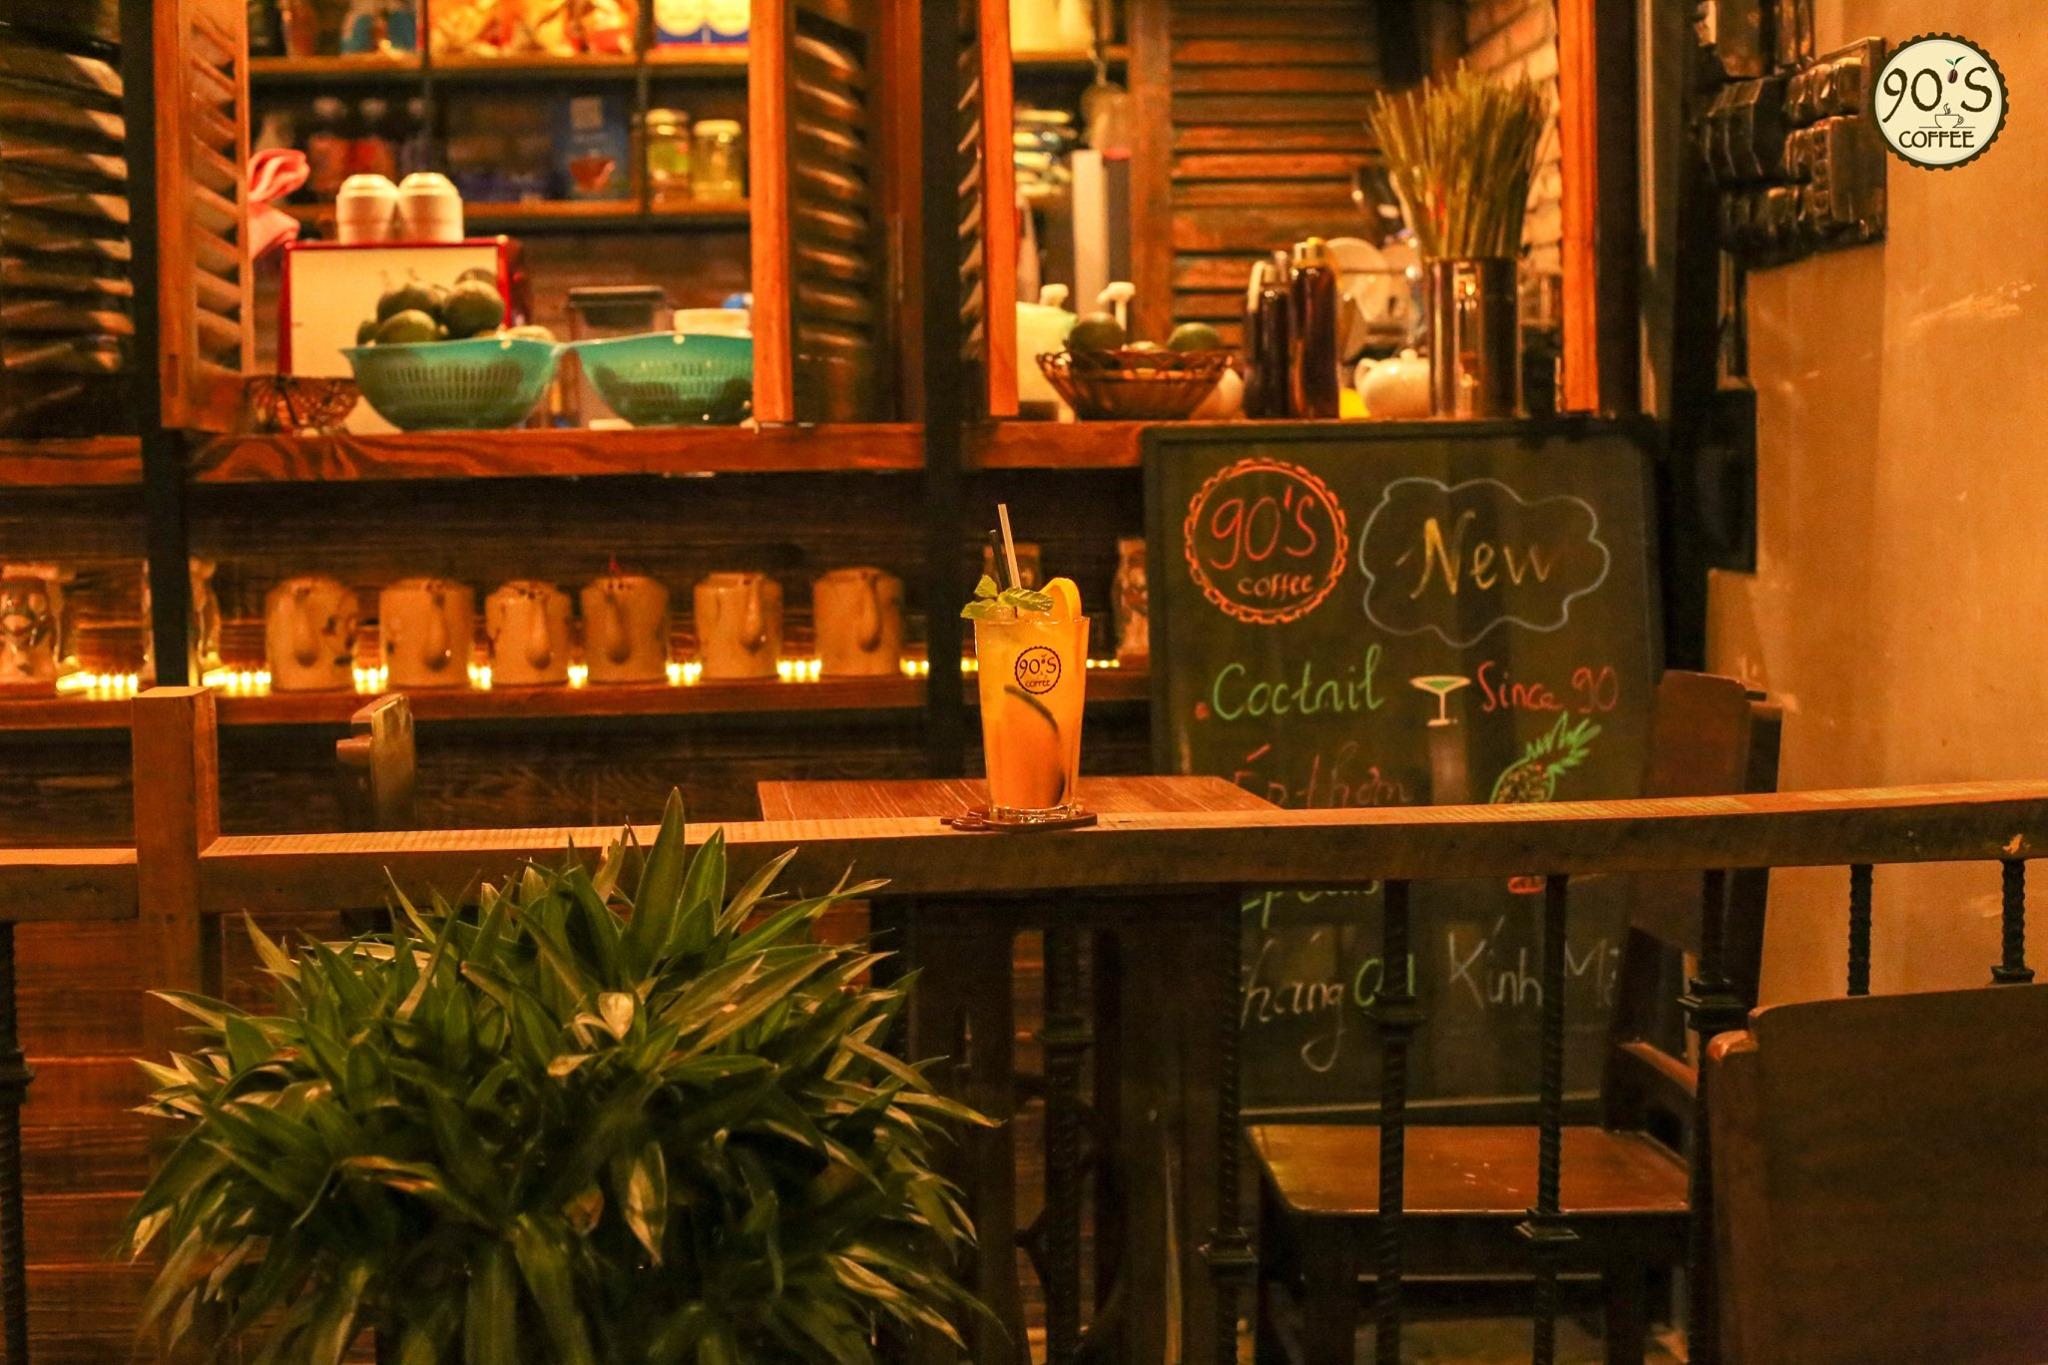 Ý tưởng kinh doanh cafe của bạn cần bao nhiêu vốn?